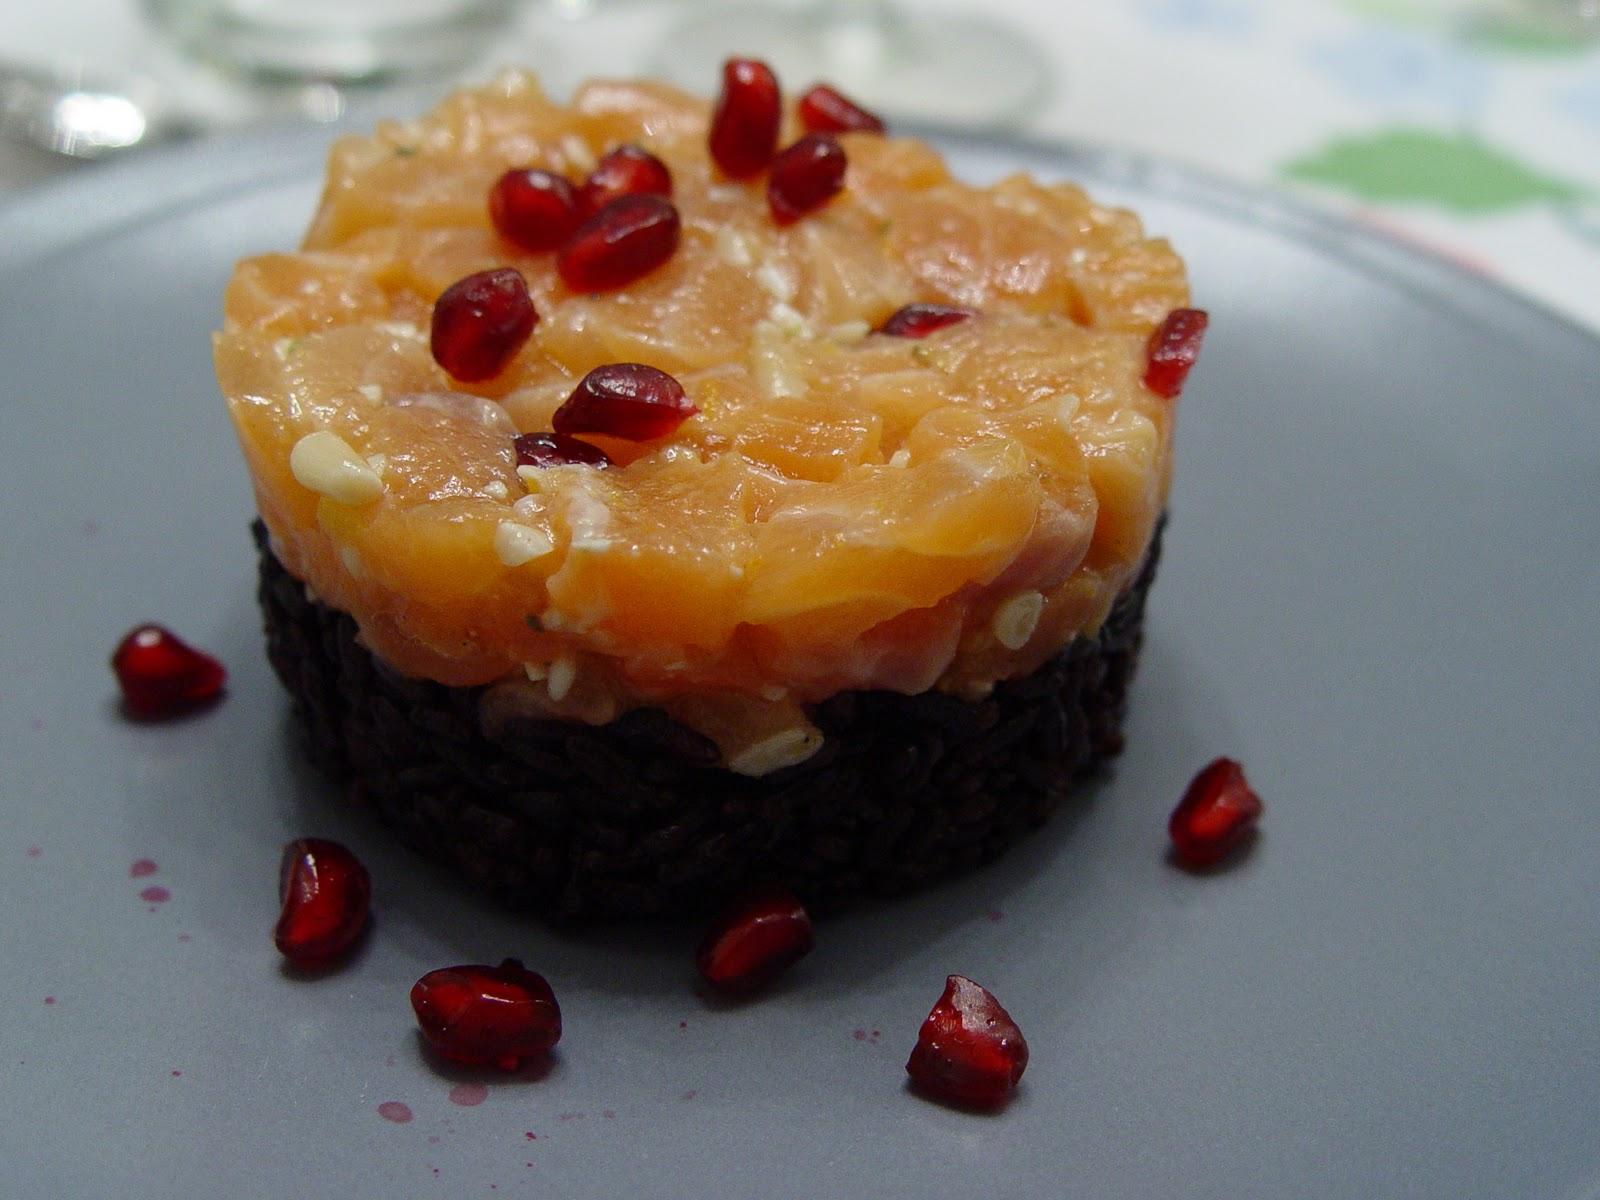 La fata in Cucina: Tartare di salmone con melograno su letto di riso ...